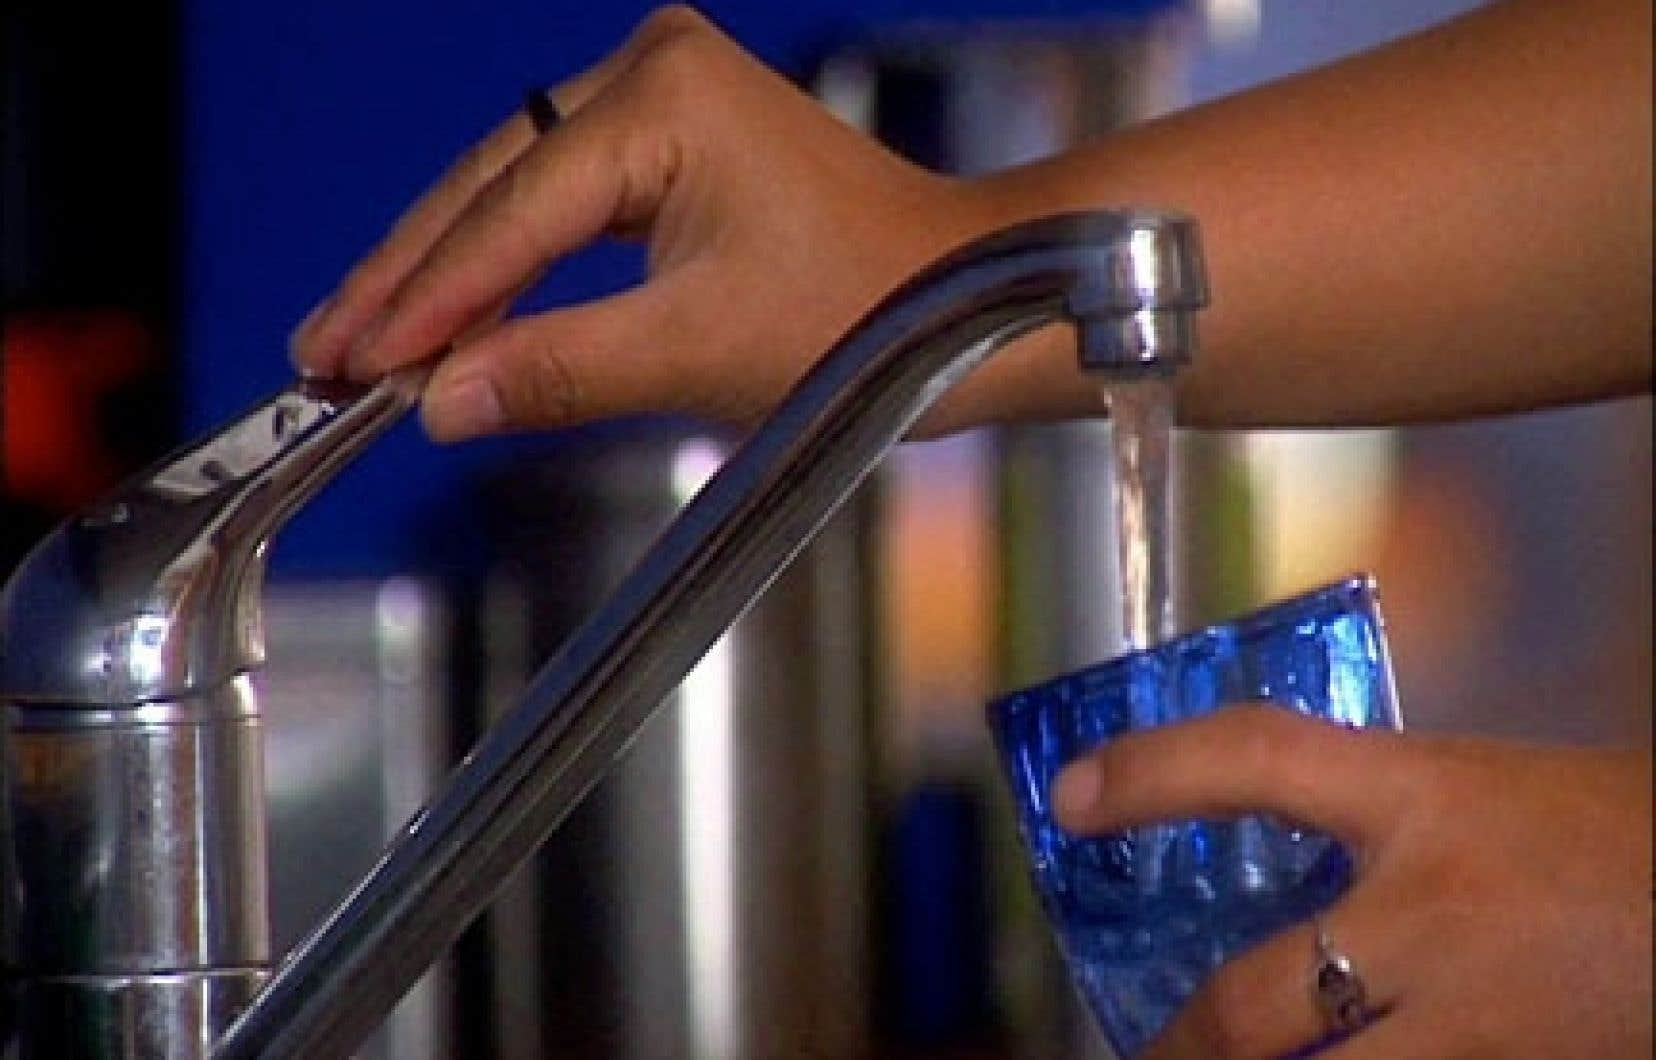 Plusieurs groupes demandaient l'interdiction pure et simple de la fluoration. Les élus ont plutôt choisi de maintenir le statu quo et ont recommandé de travailler sur l'acceptabilité sociale de la fluoration de l'eau.